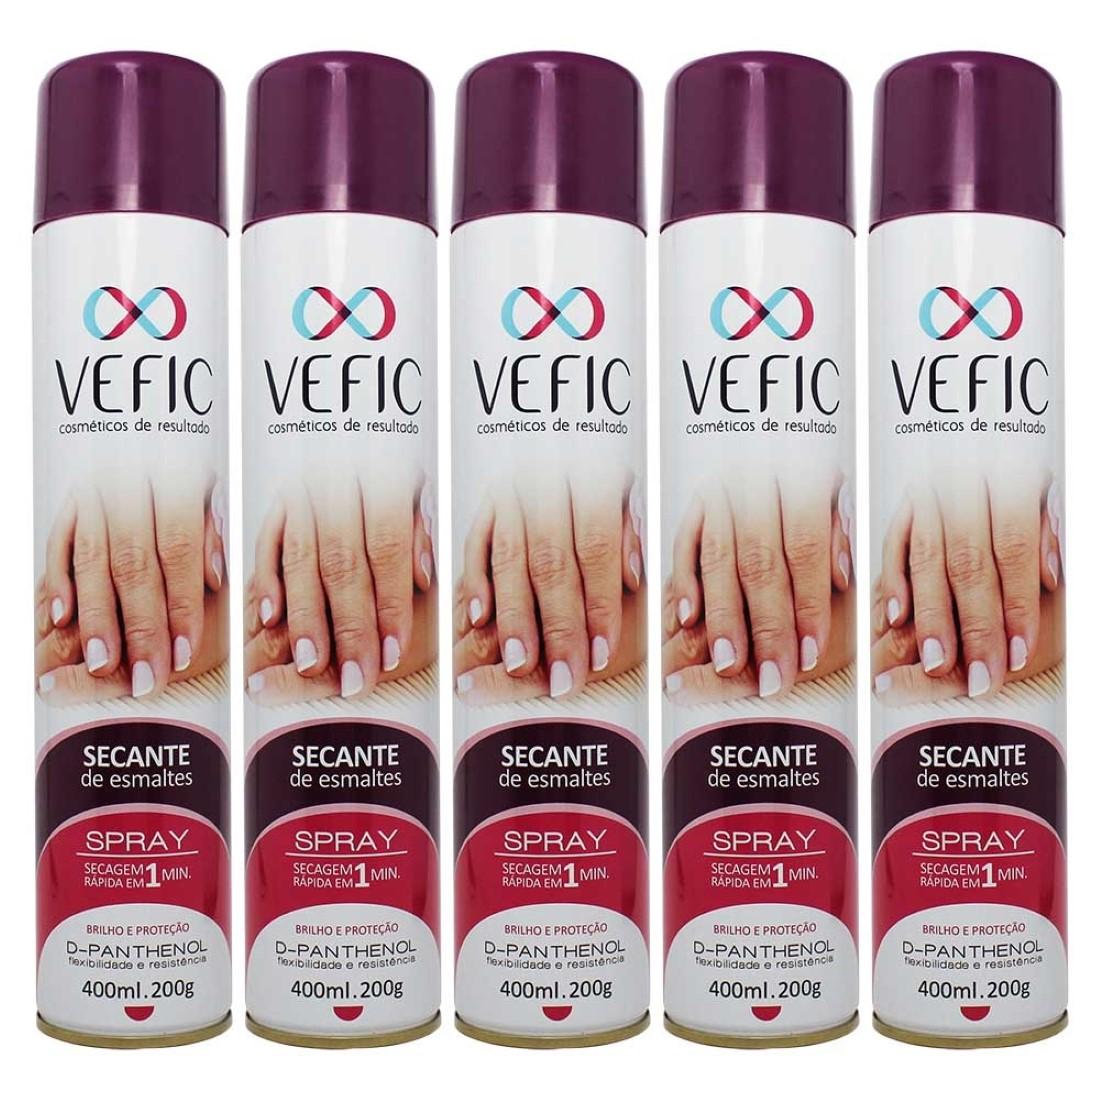 Kit 5 Secante de Esmaltes Spray 400ml - Vefic